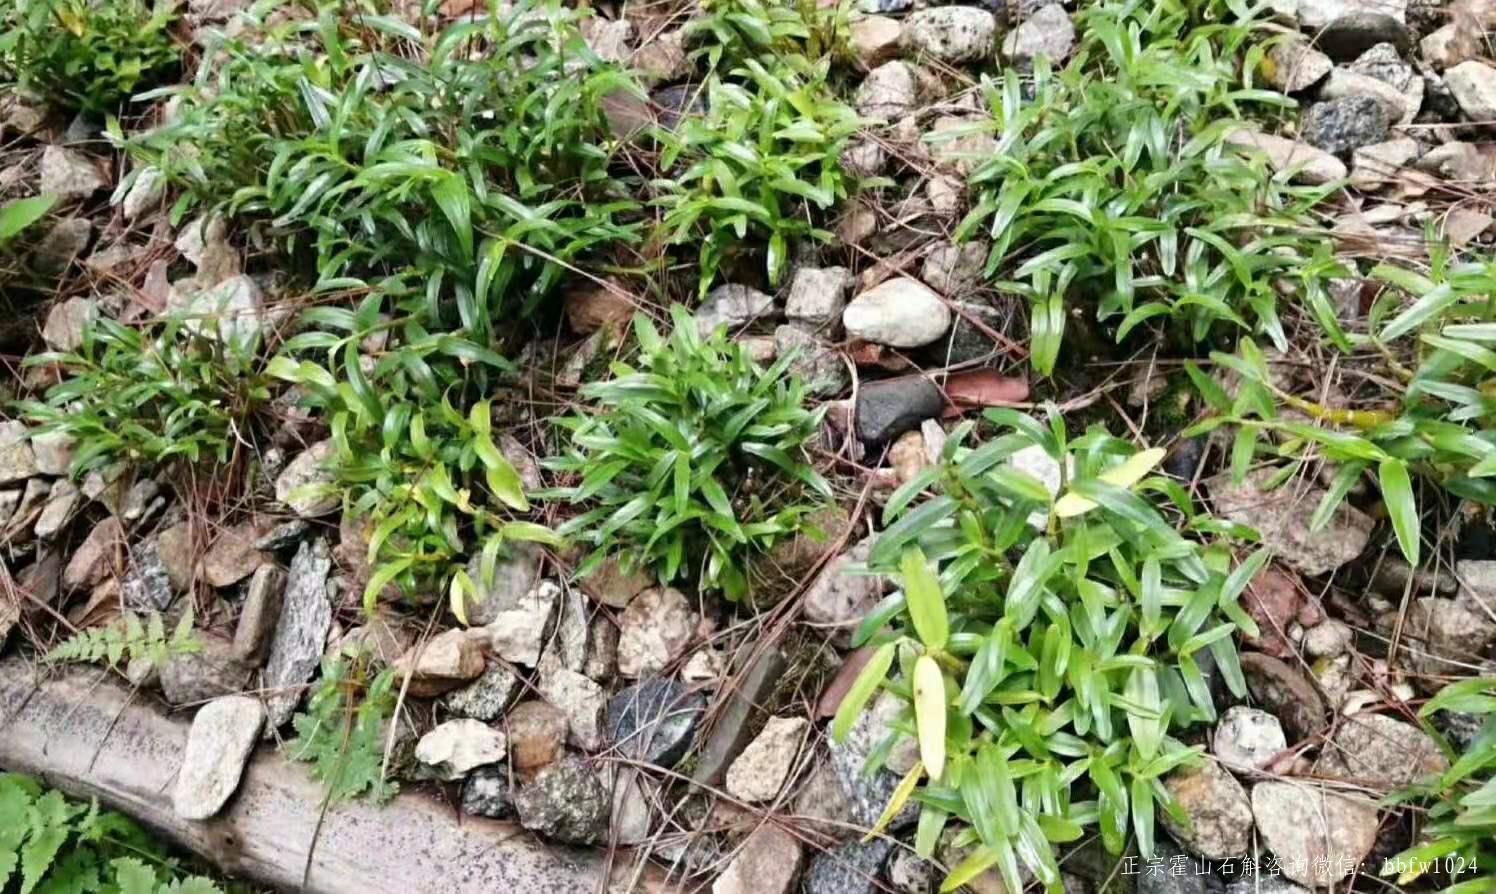 霍山石斛仿野生种植环境是怎么样的